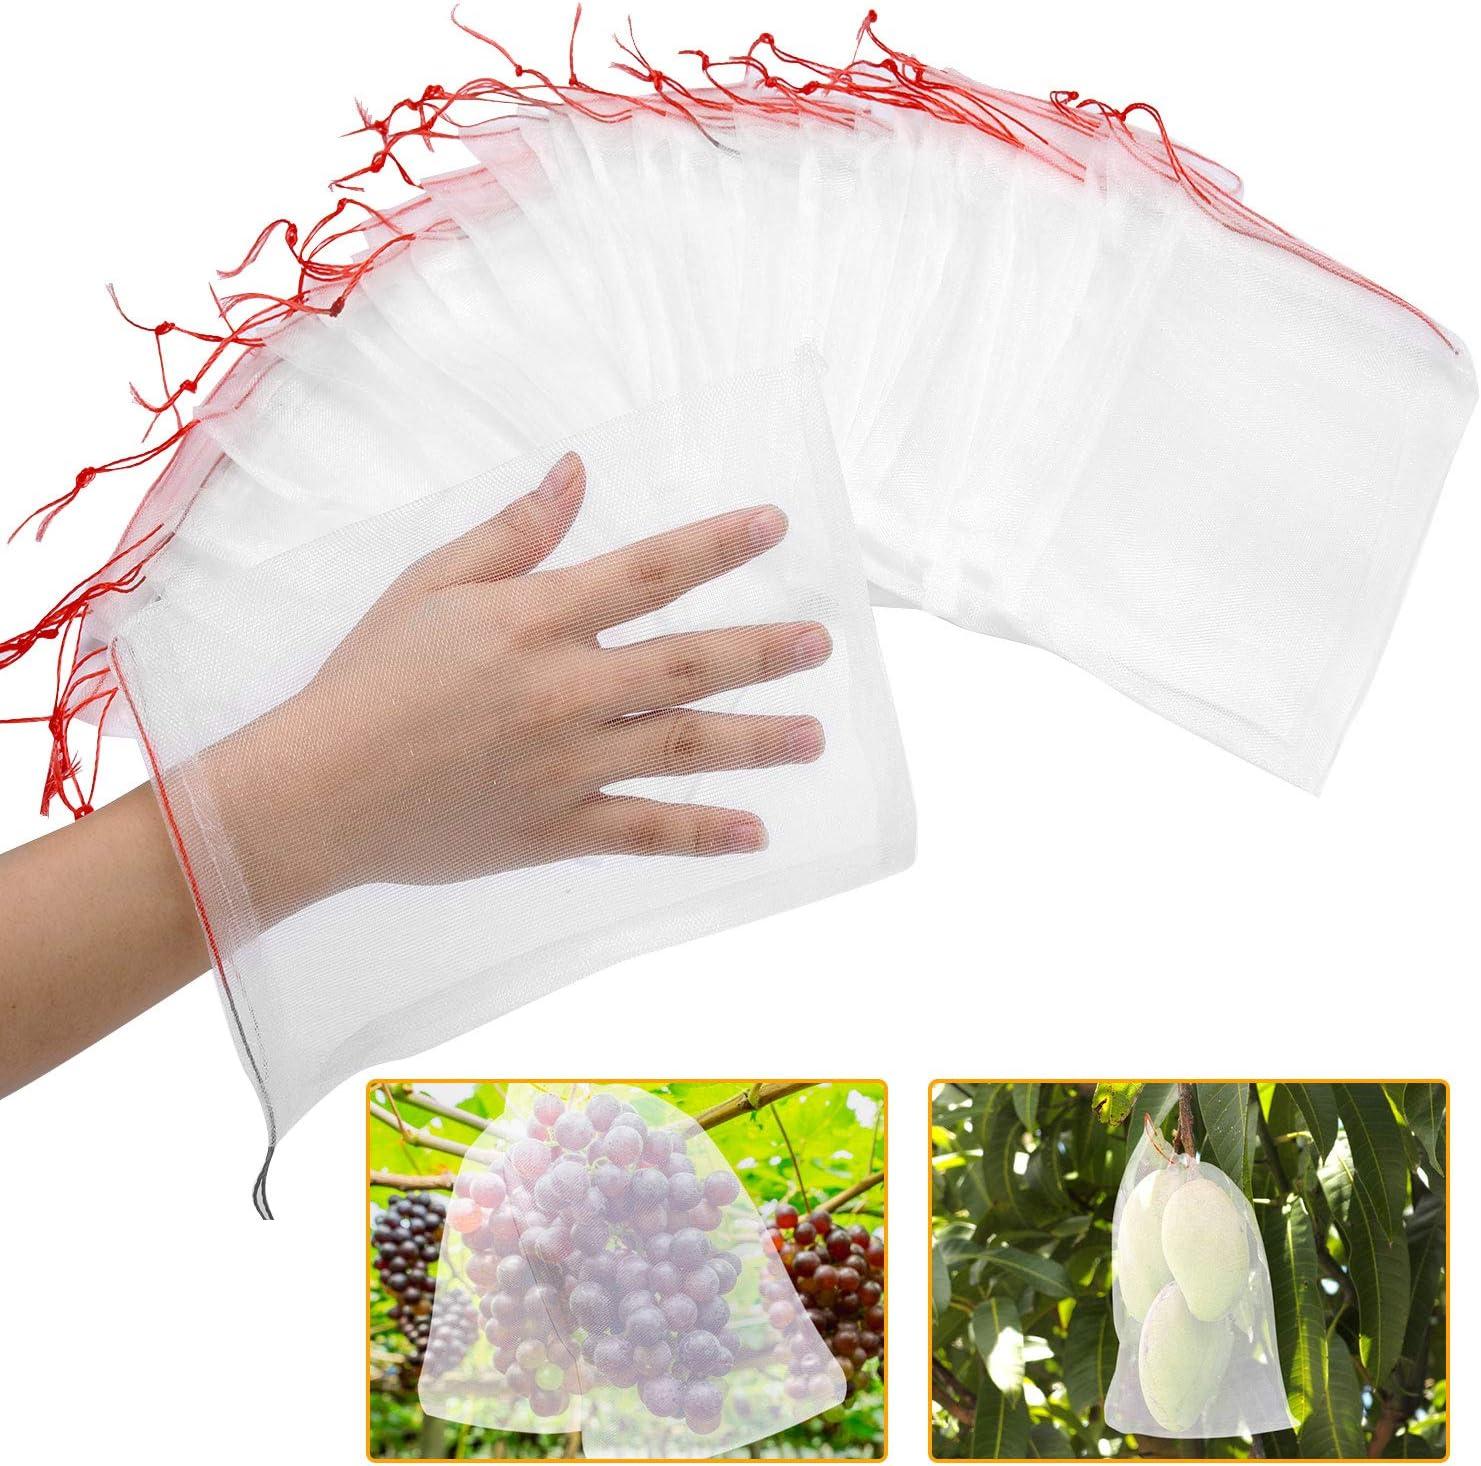 """Kikhope 50 Pcs Fruit Protection Bags, 10""""x6""""Nylon Mesh Netting Barrier Bags, Garden Plant Fruits Flower Protect Bag, Garden Netting Bag for Protecting Your Plant Fruits Flower Vegetable"""